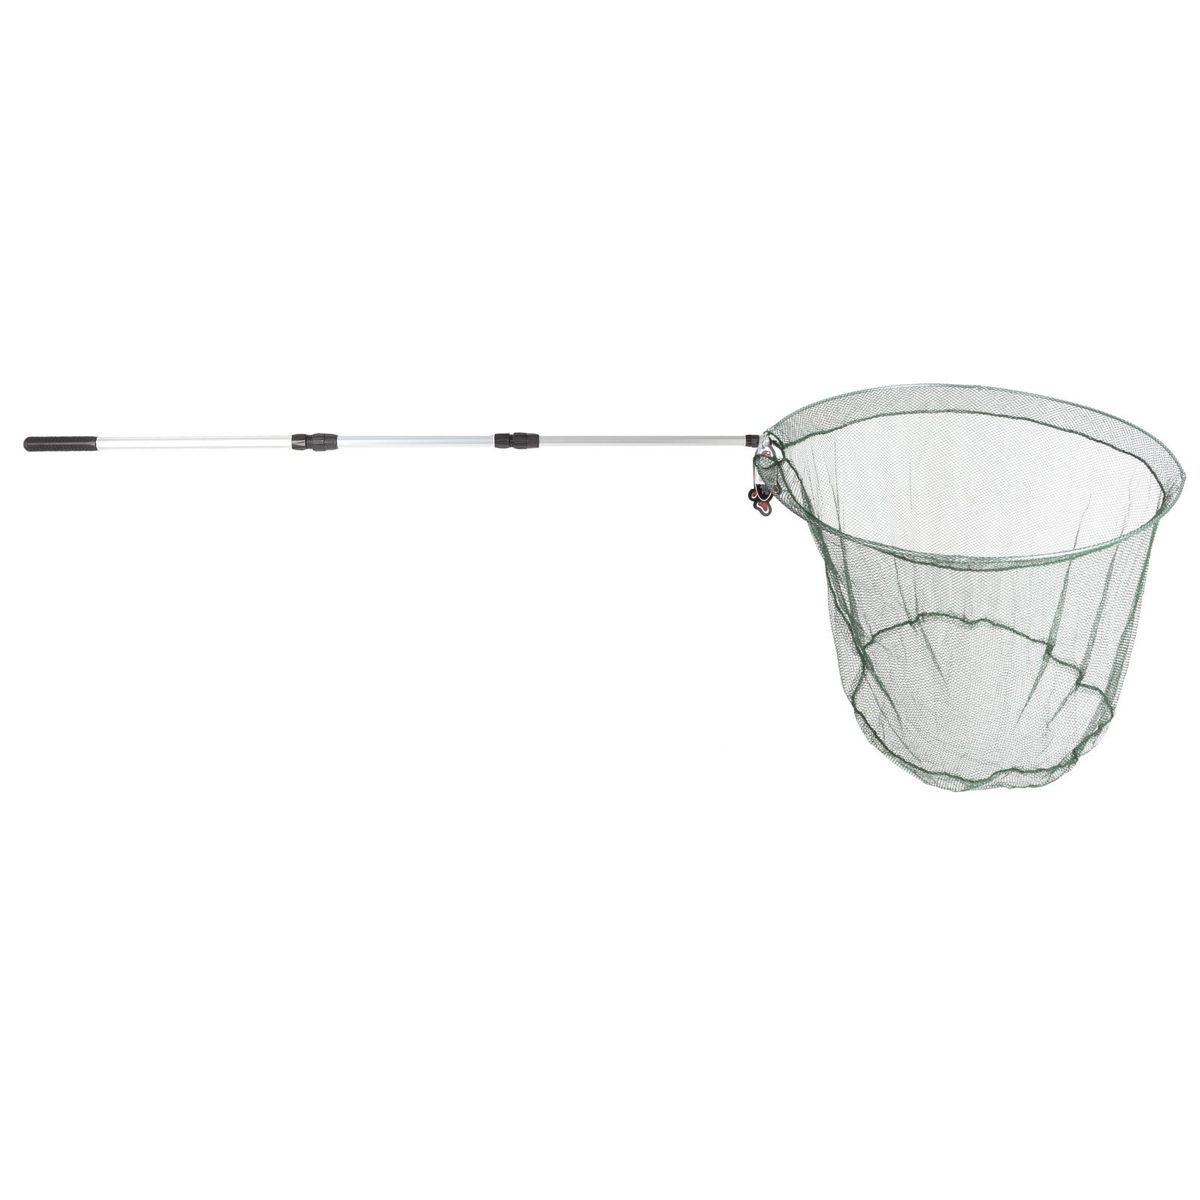 Подсачник рыболовный Onlitop, складной, диаметр 60 см, длина ручки 1,5 м132765Подсачник рыболовный Onlitop, складной имеет мелкую сетку. Это позволяет более бережно доставать рыбу, не нанося вреда ее чешуе. Ручка выполнена из алюминия.